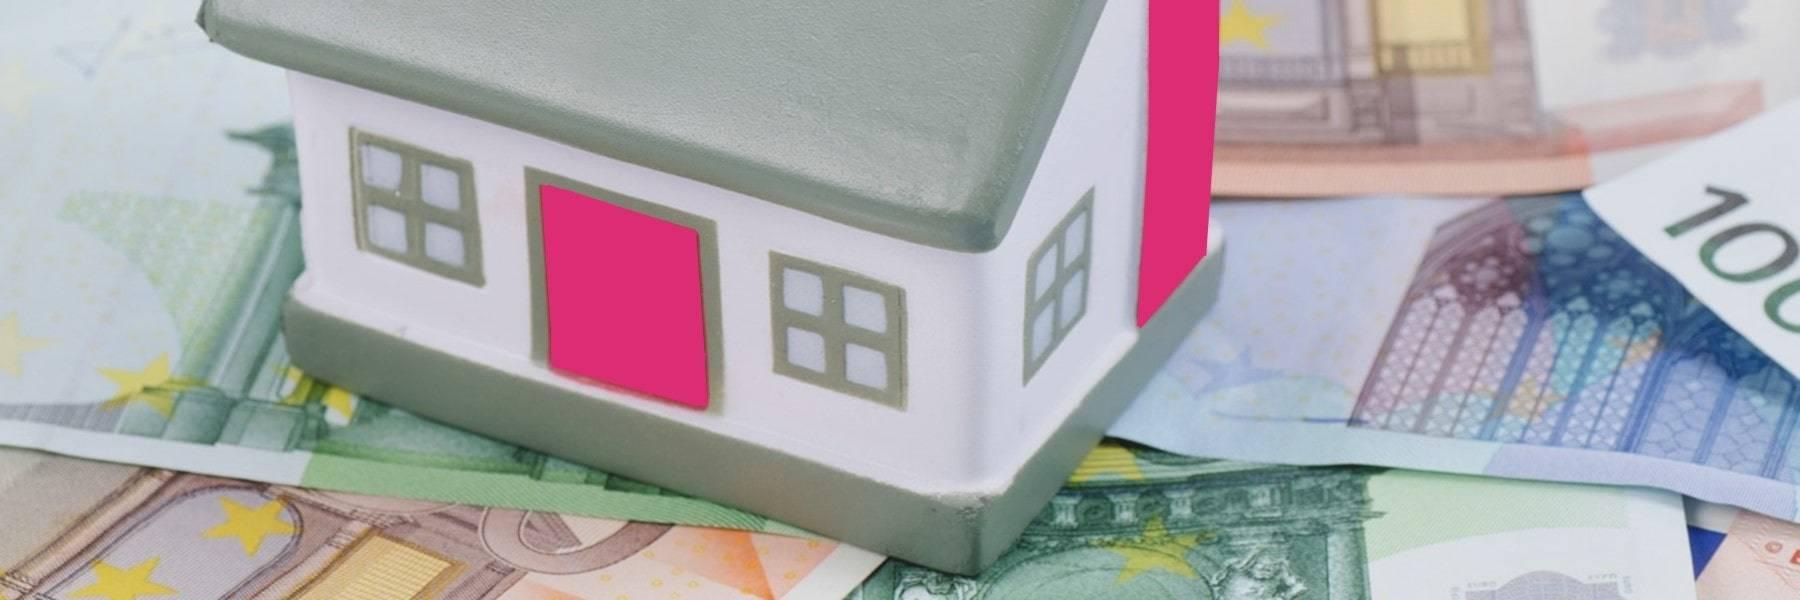 DUOkoop - HypotheekStore - De HypotheekStore